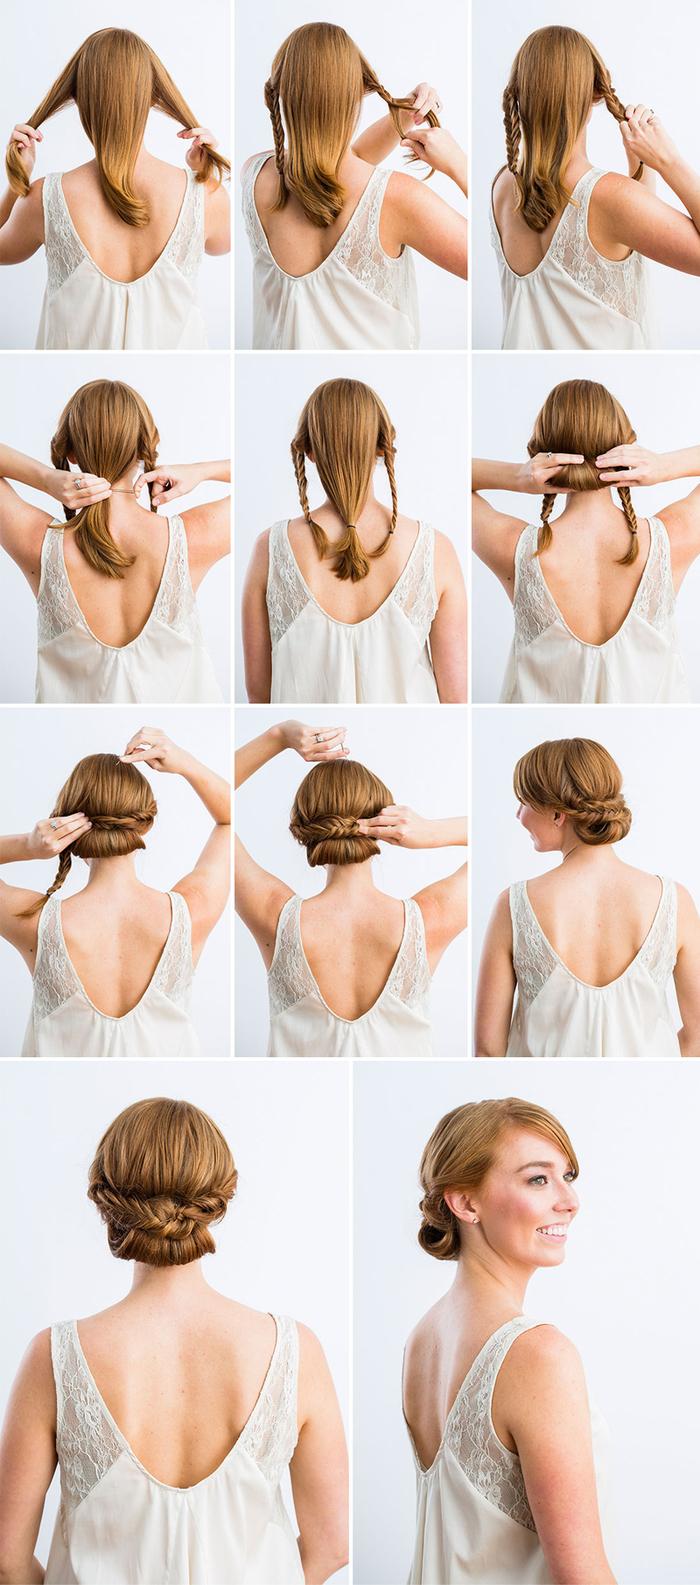 ▷ 8 + Ideen für Brautjungfern Frisuren zur Inspiration und Entlehnen